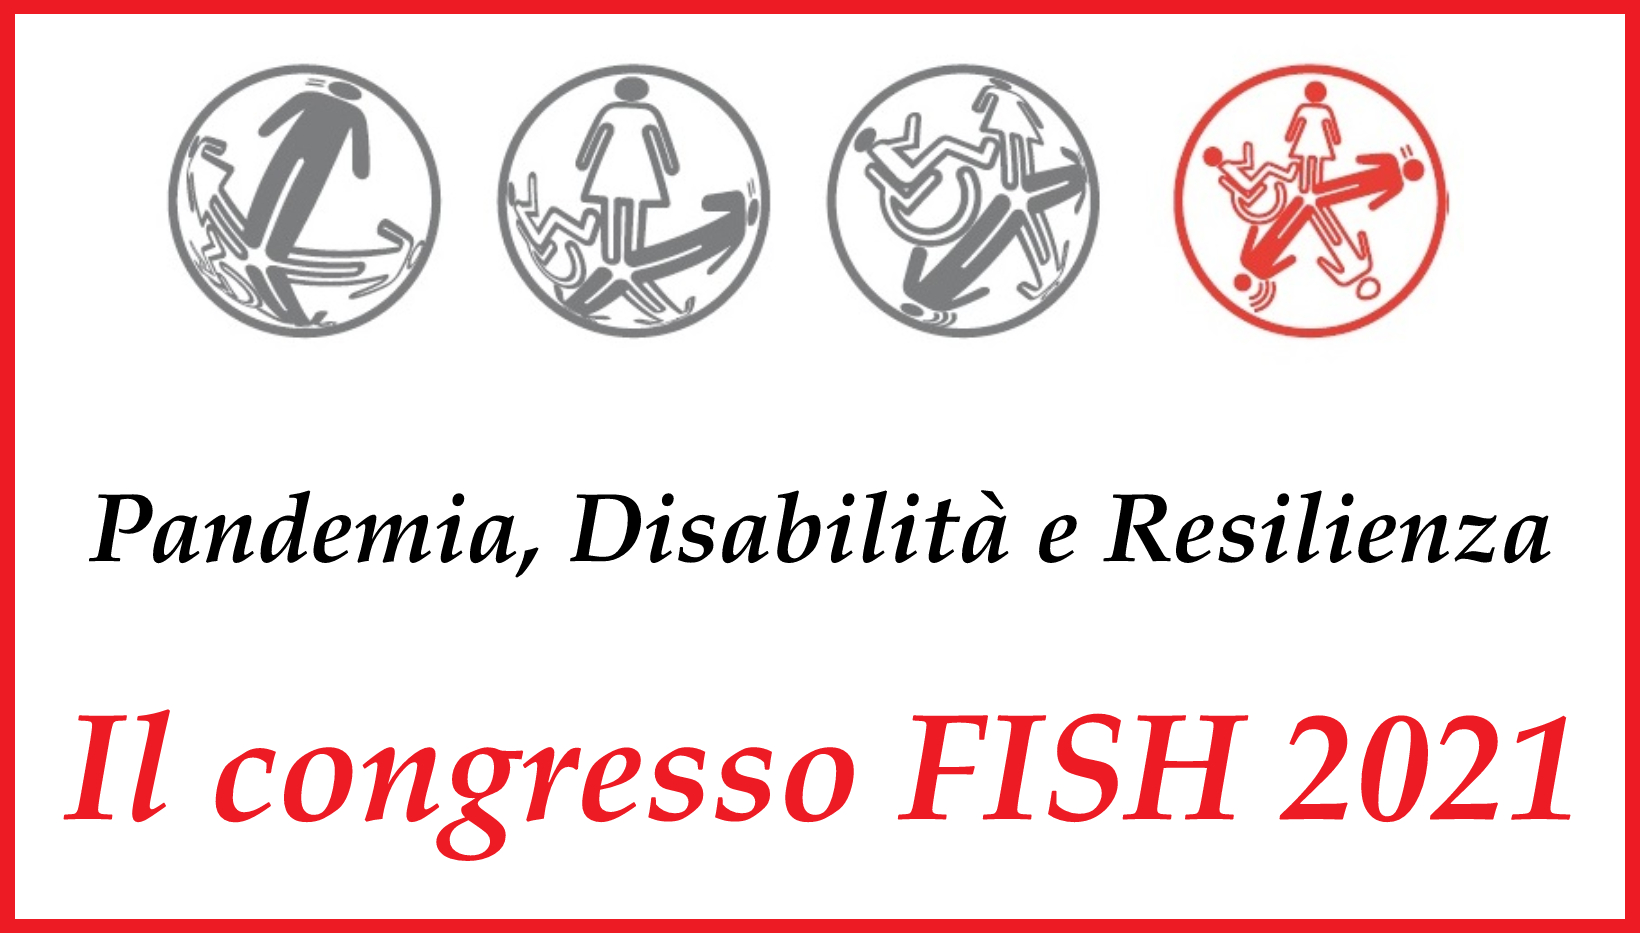 Congresso FISH 2021